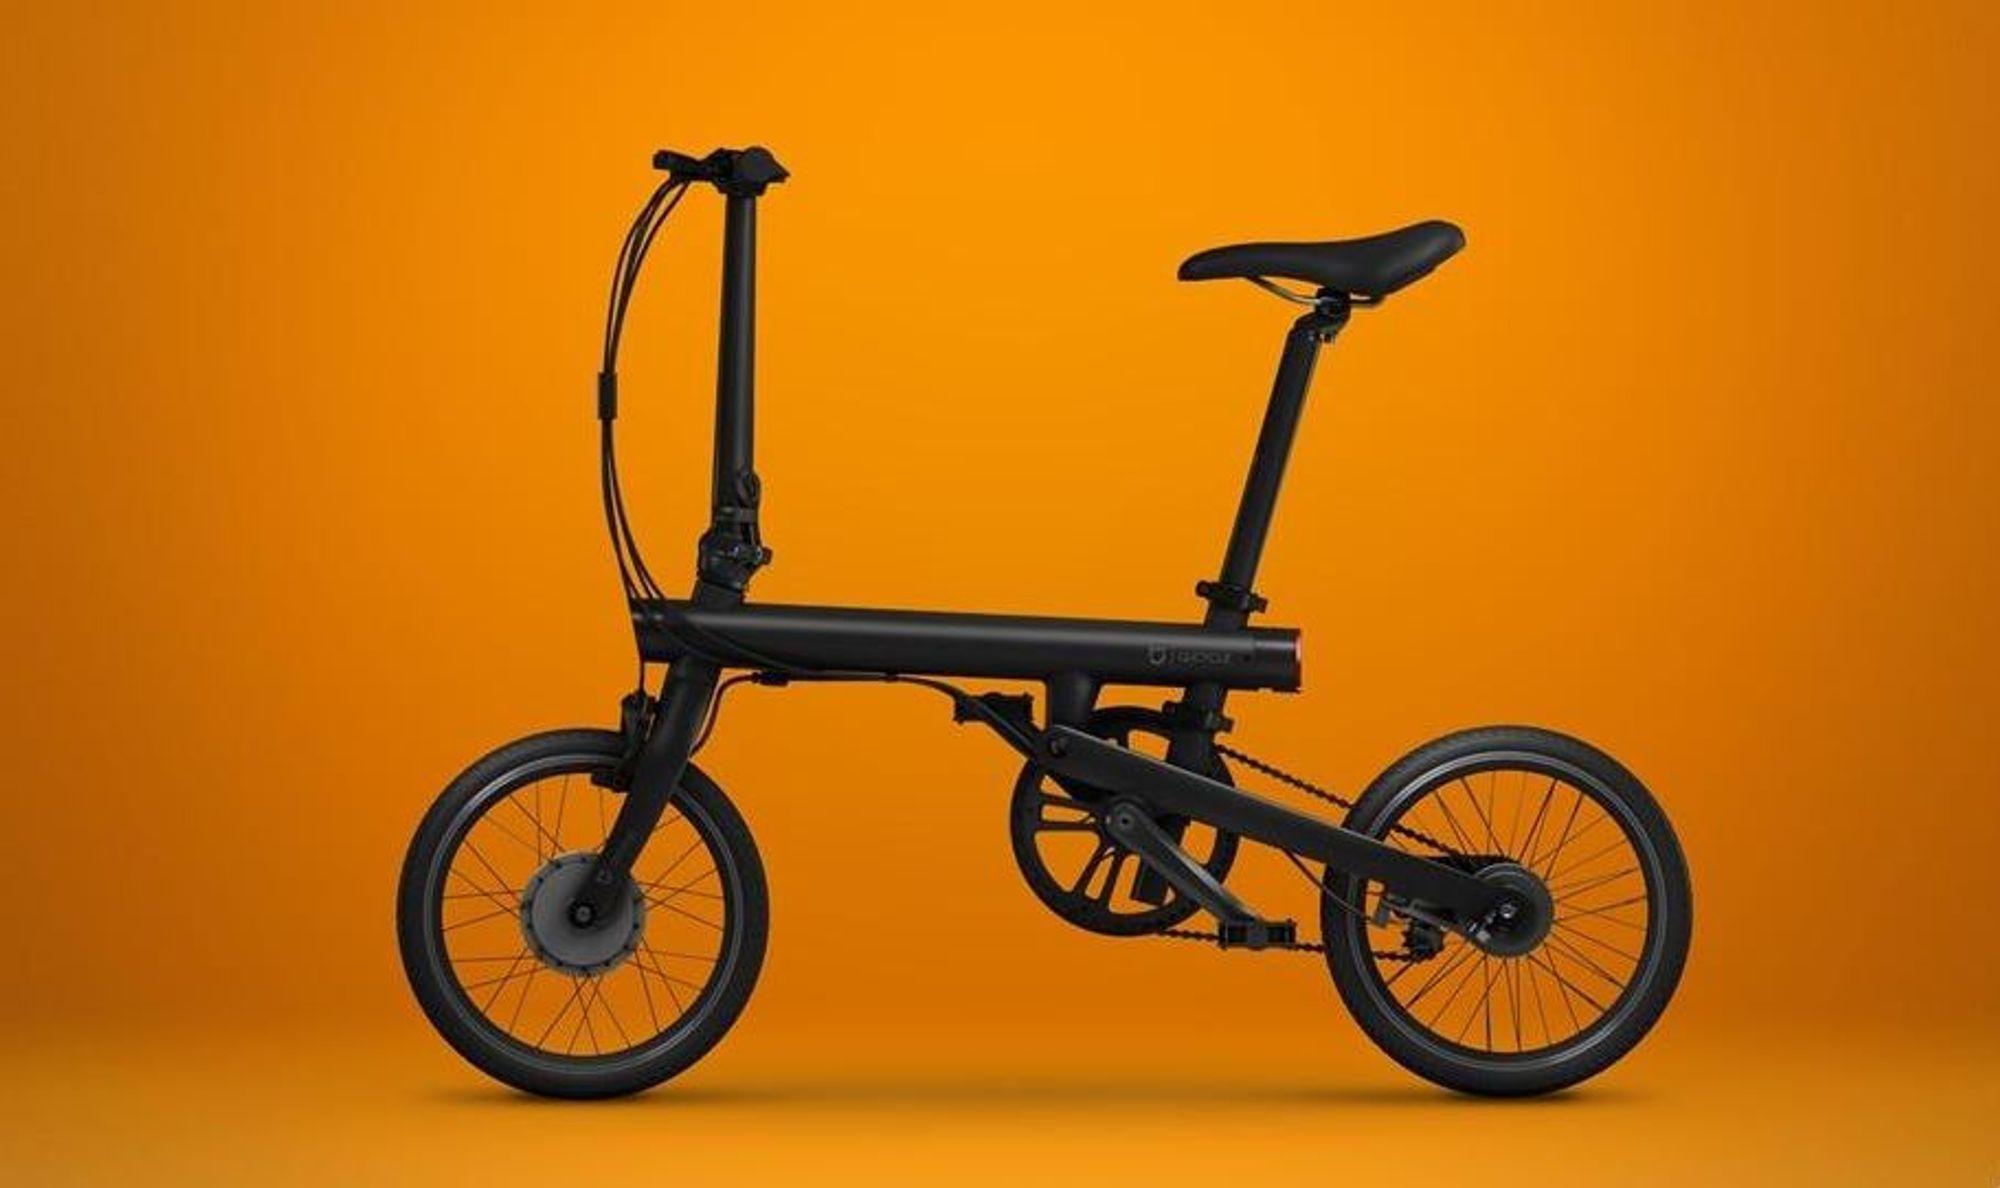 Billig: For rundt 3.900 kroner kan man bli eier av kinesiske Mi Qicycle, en sammenleggbar elsykkel rettet mot det kinesiske massemarkedet.